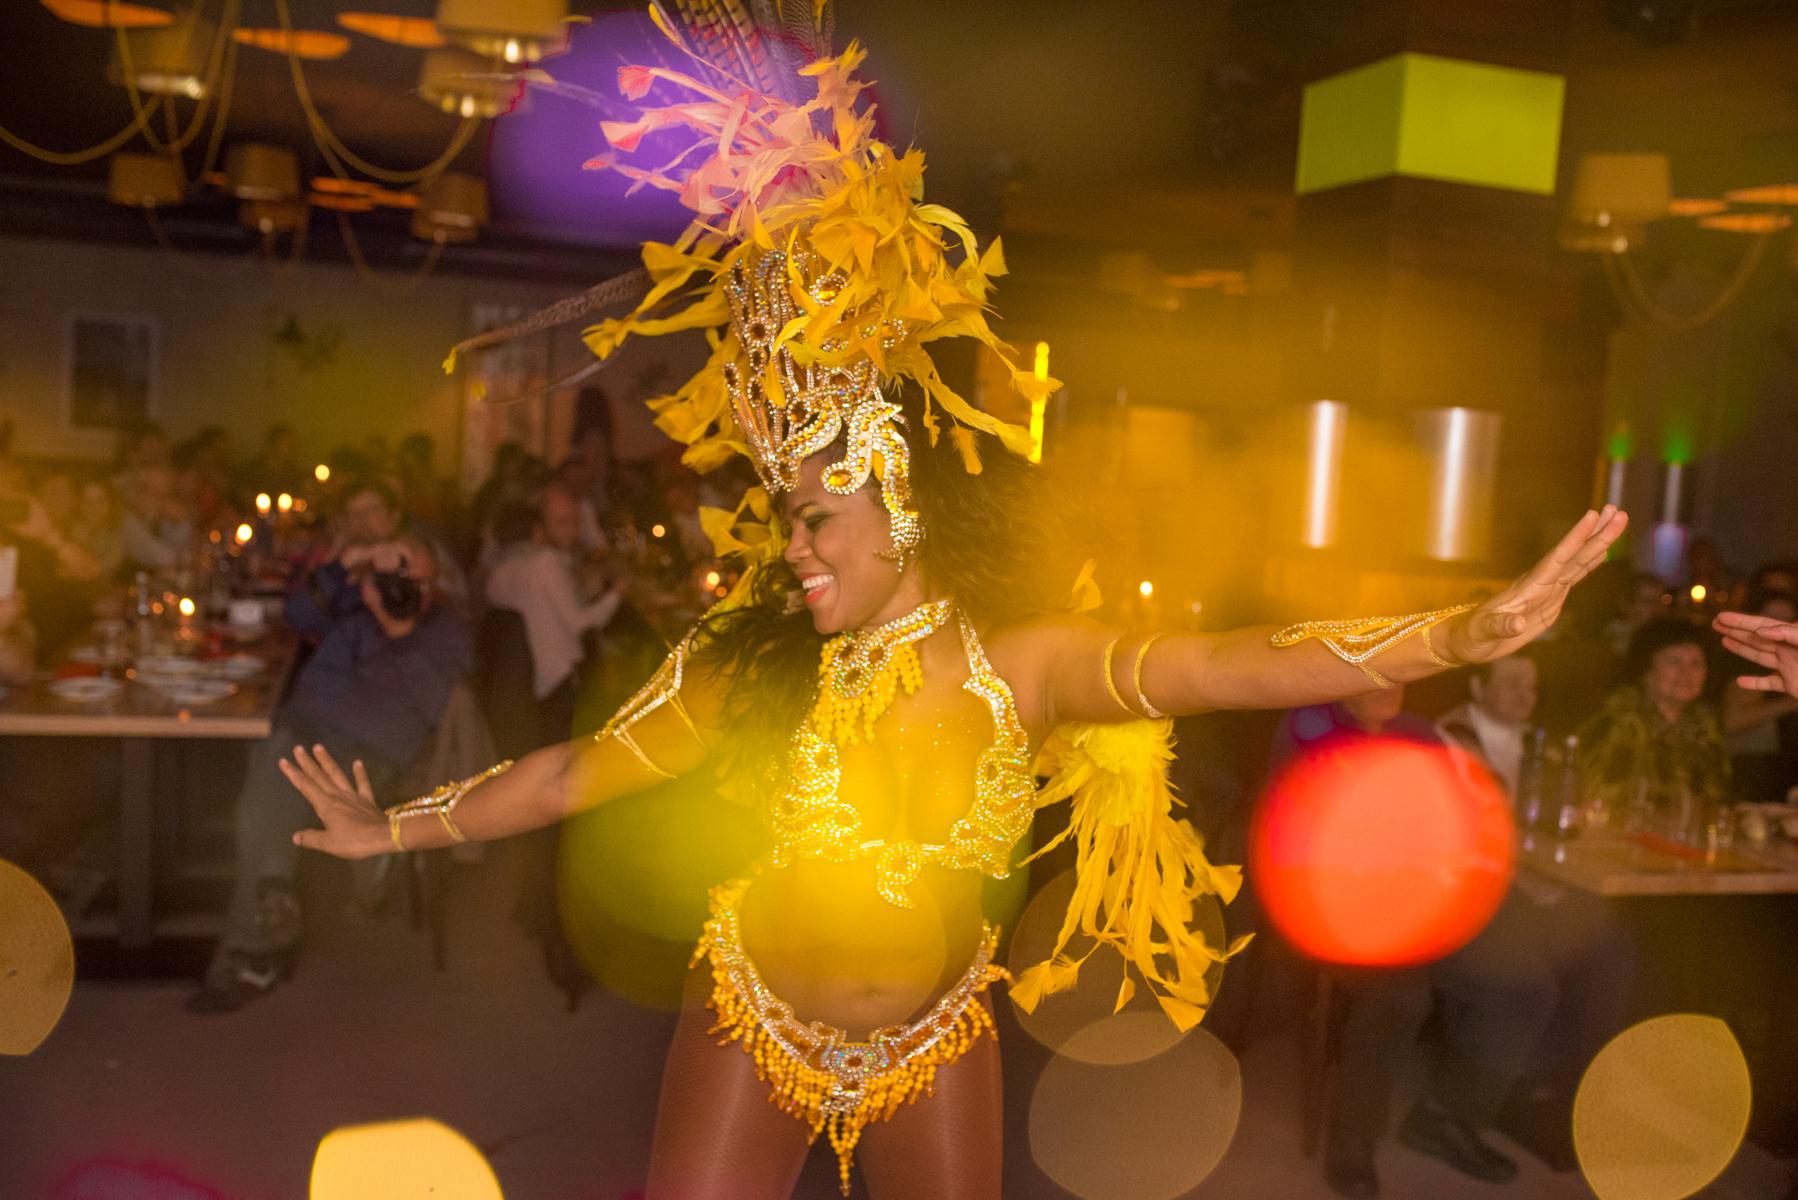 SHOW TIME! - Lassen Sie sich jeden Freitag & Samstag zu heißen brasilianischen Rhythmen von unseren Tänzerinnen und Tänzern begeistern und erleben Sie unsere einmalige Samba-Show!SHOW-BEGINN: ca. 20H